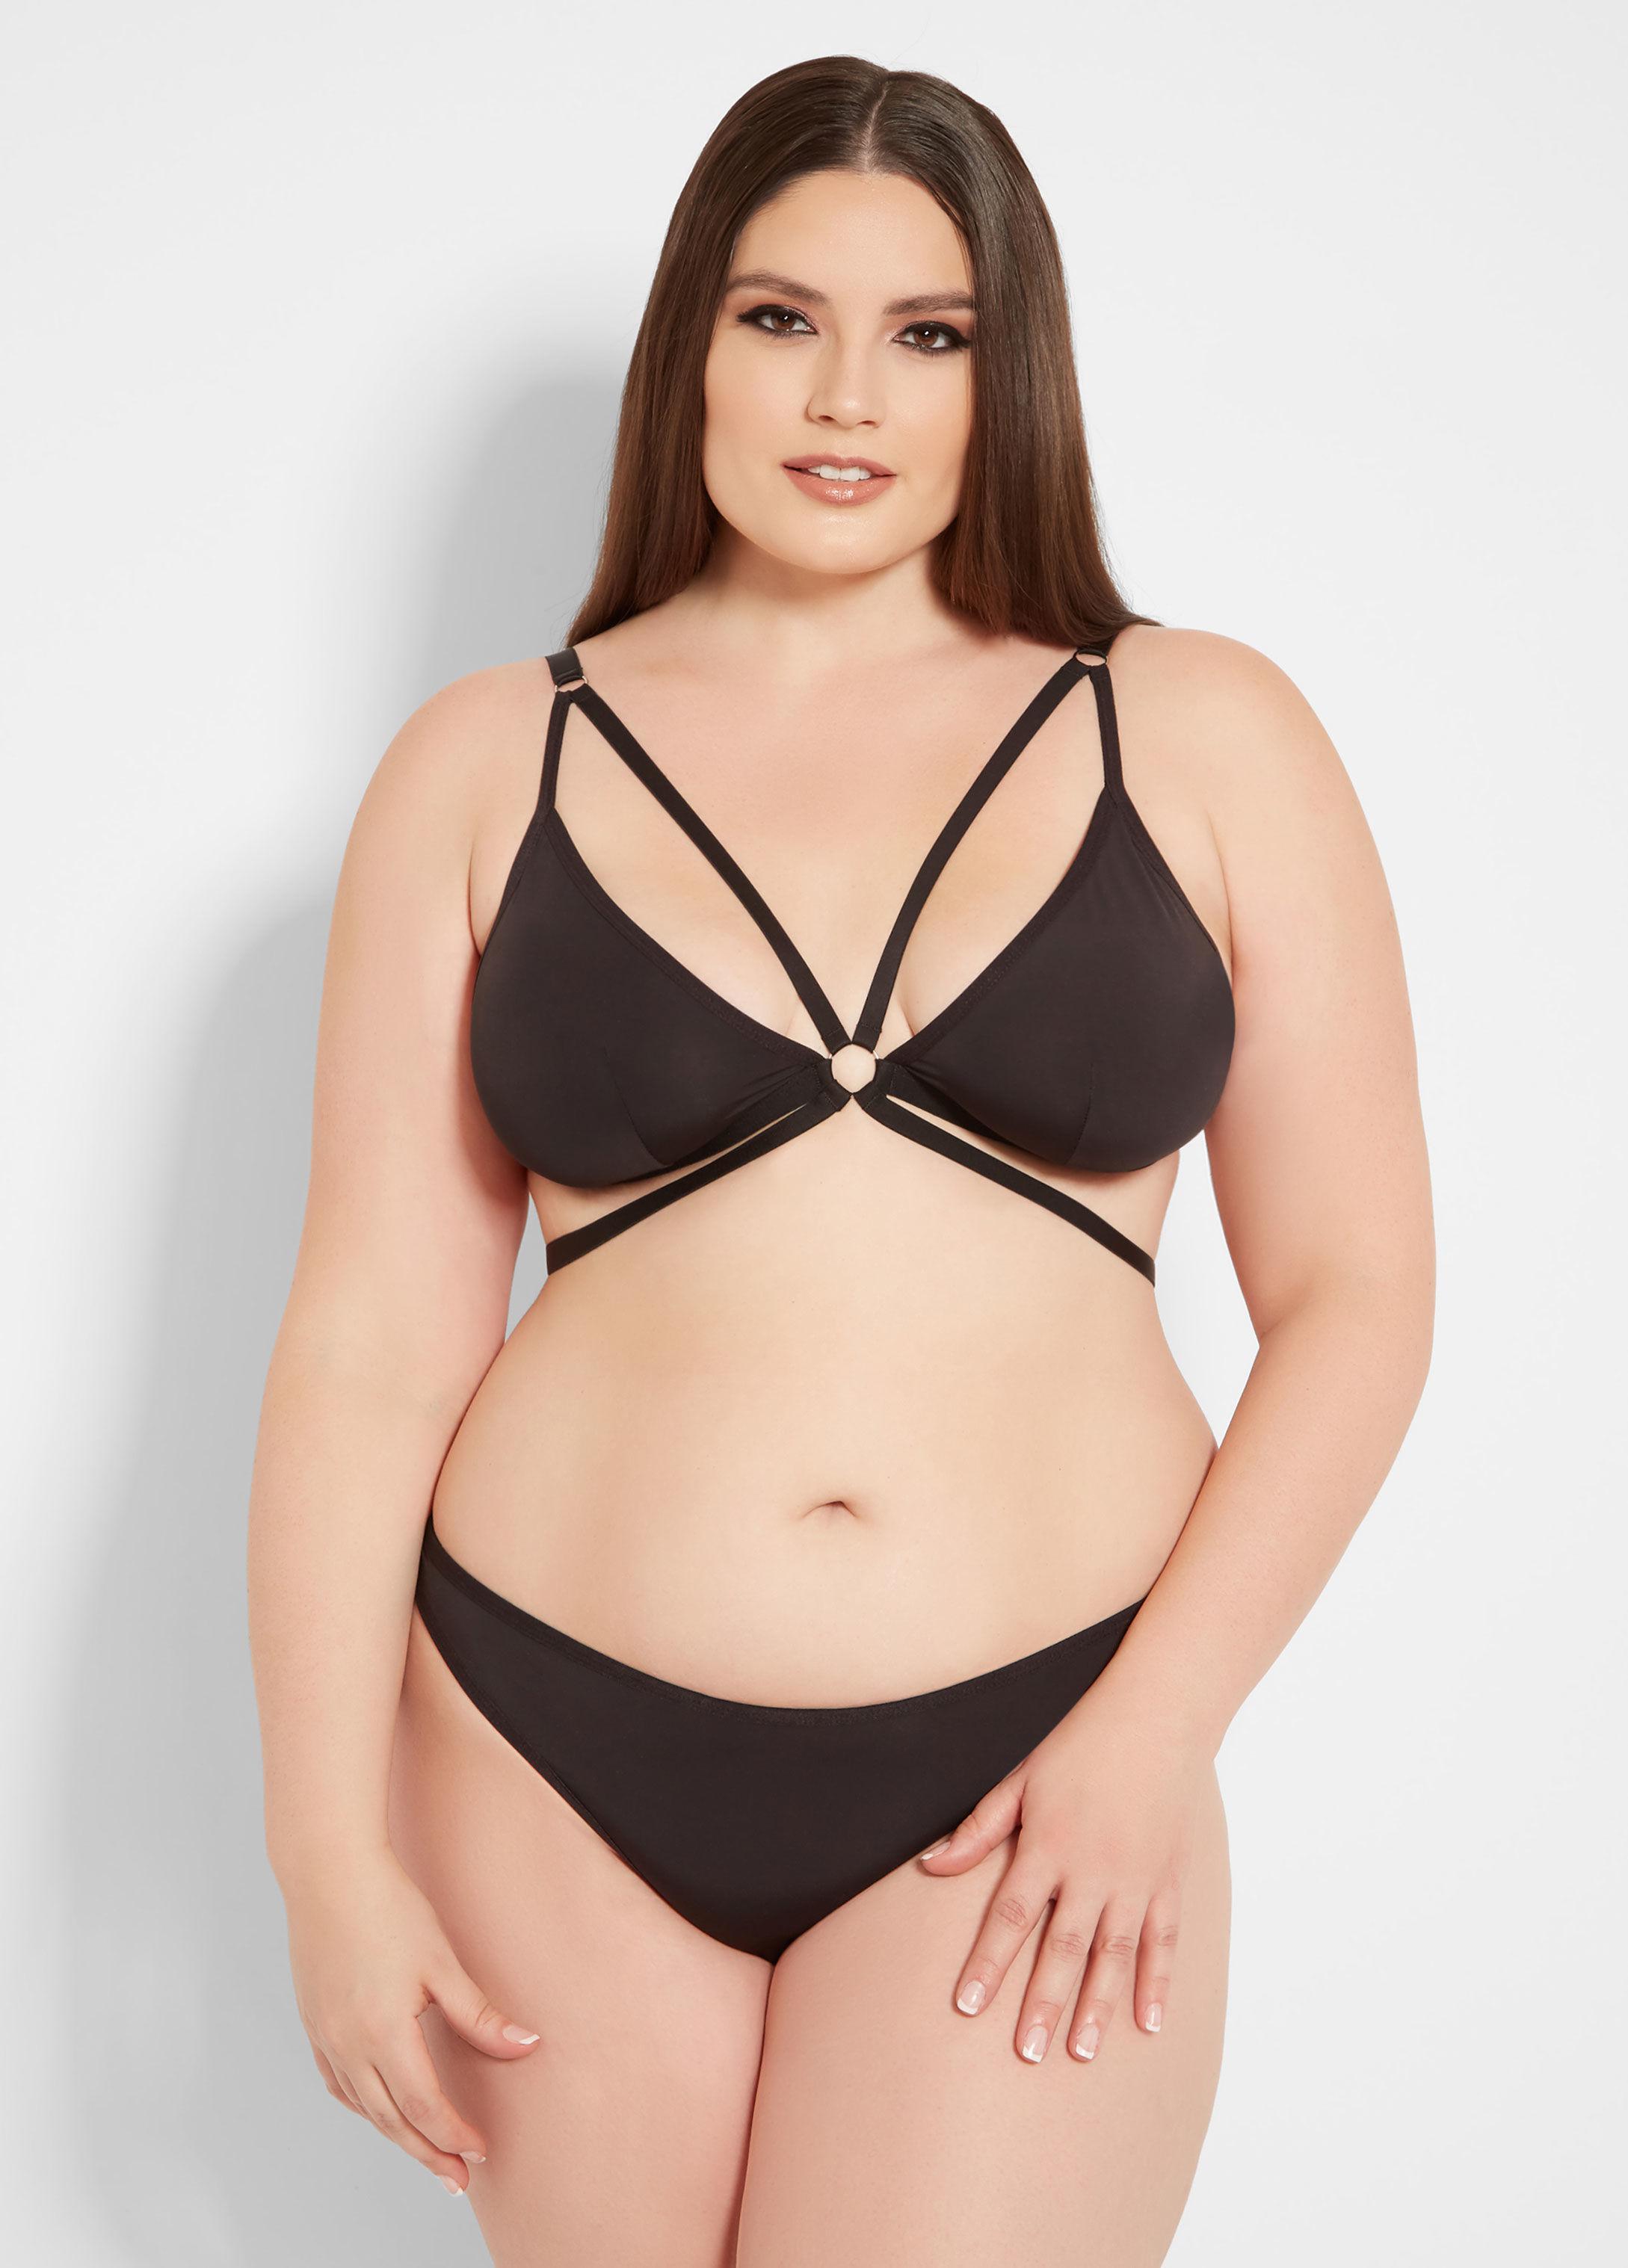 0db2af8017c5e Lyst - Ashley Stewart Plus Size Two Piece Strappy Bra Set in Black